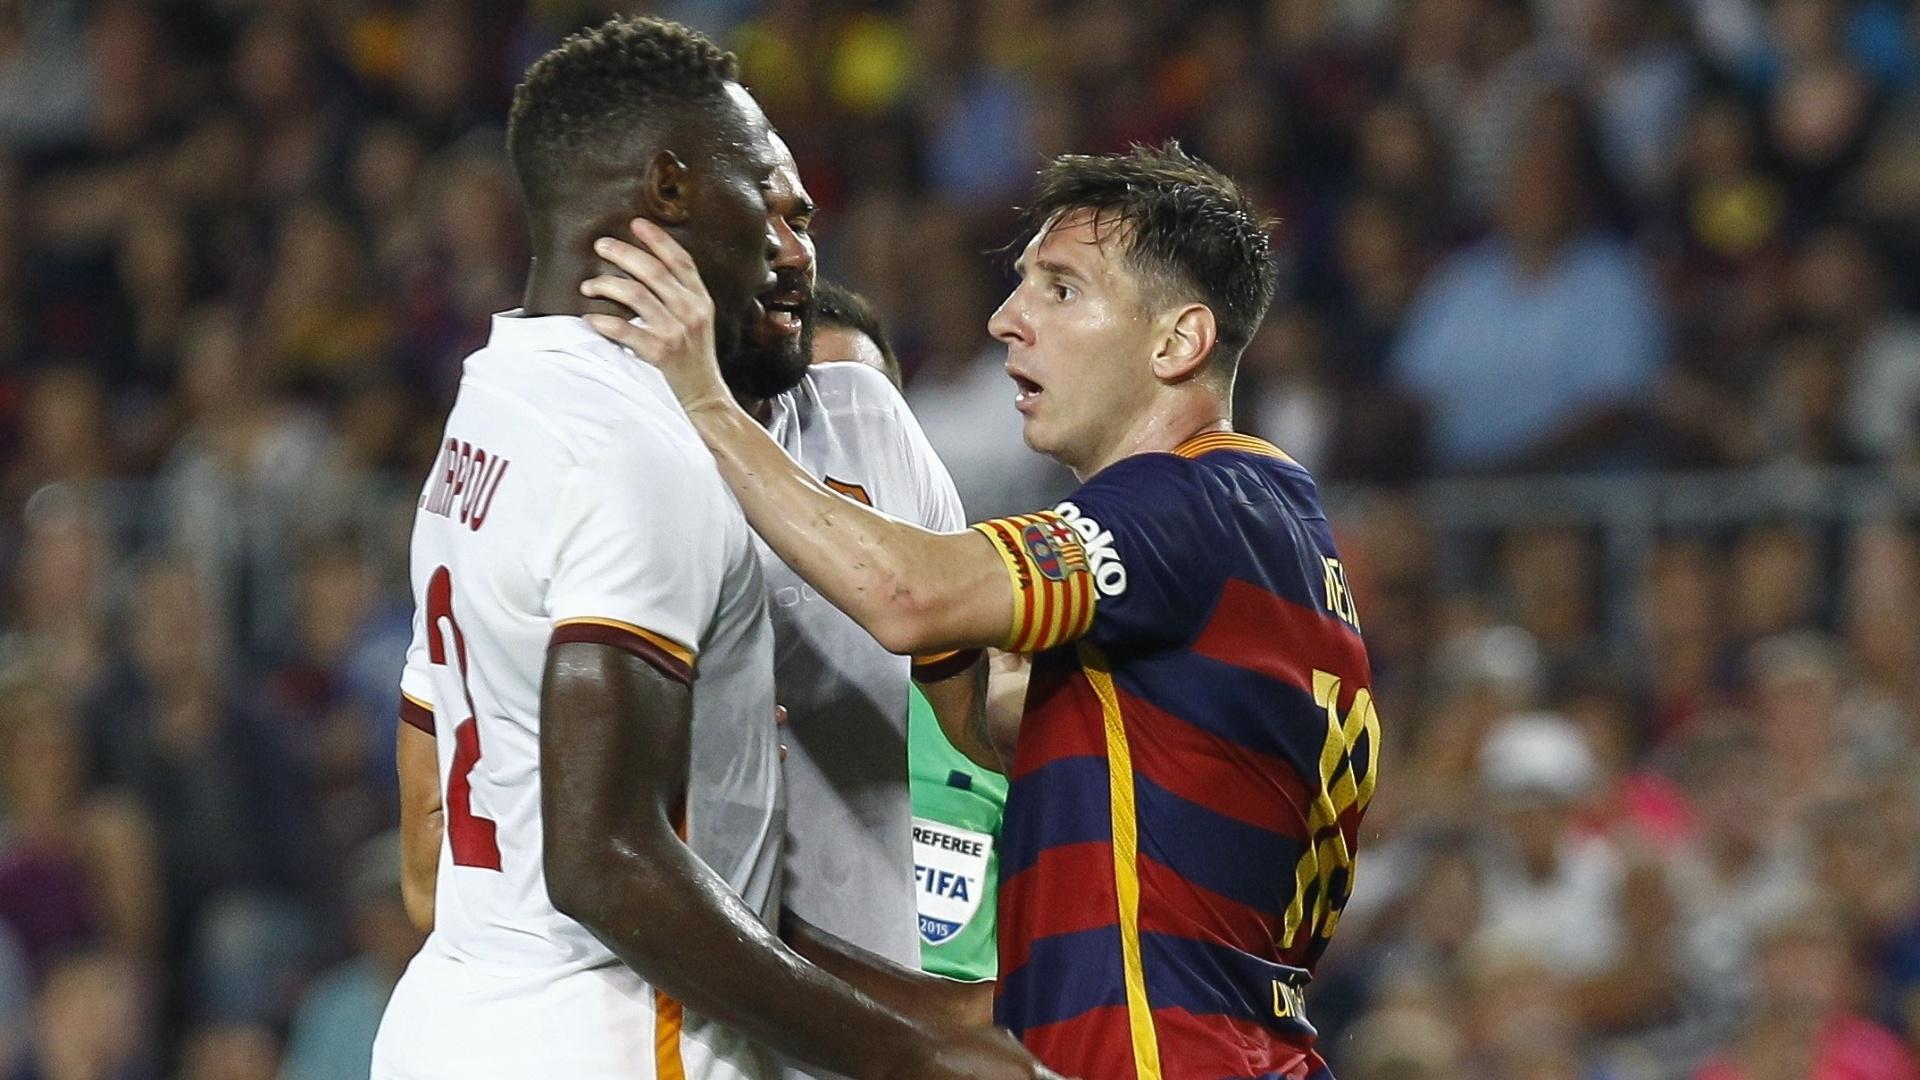 Messi discute com Mapou Yanga-Mbiwa e coloca a mão na garganta do adversário, durante partida entre Barcelona e Roma